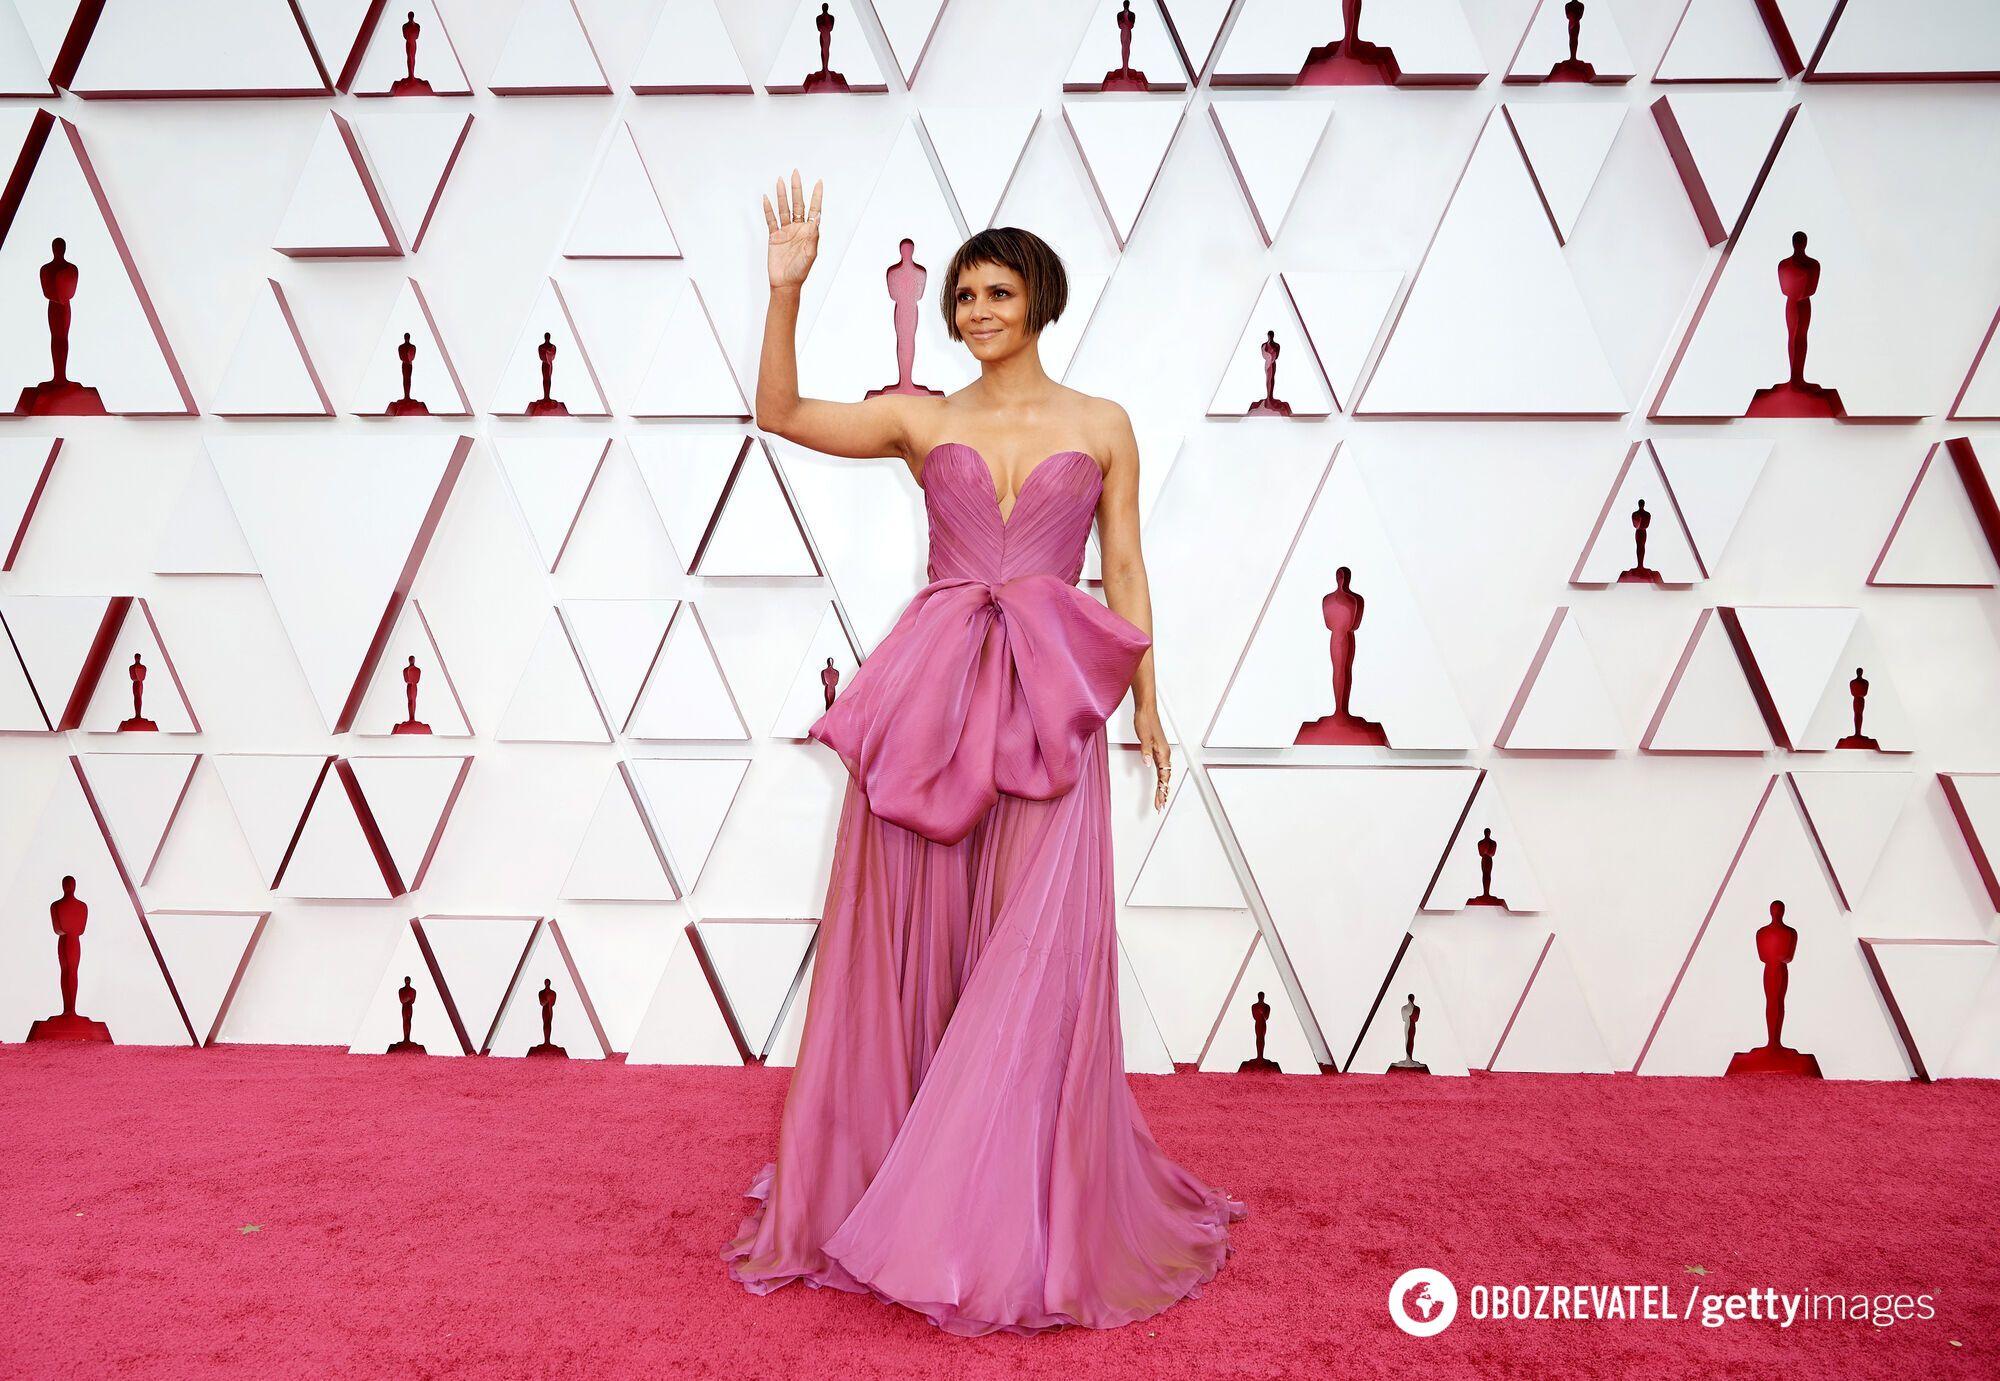 Хэлли Берри появилась на публике в брендовом платье Dolce & Gabbana